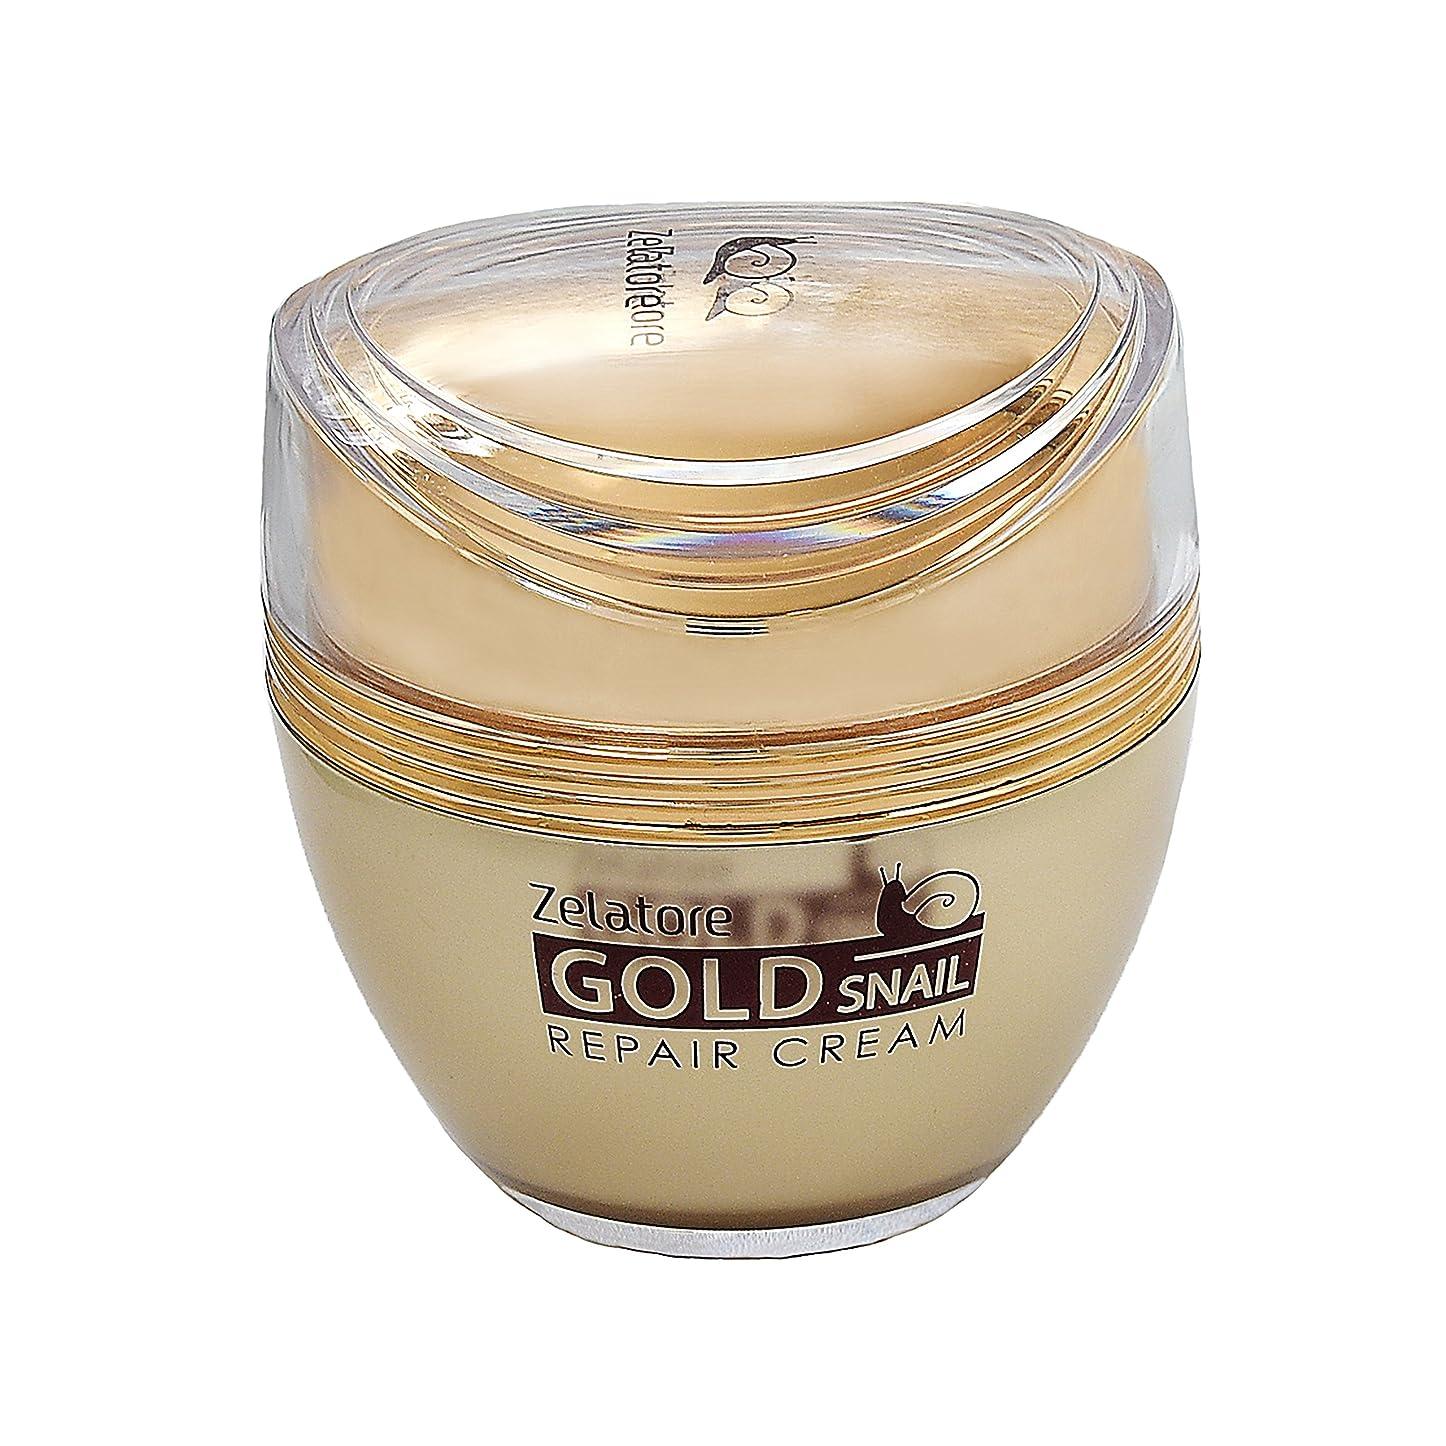 テロ共産主義者シリアルZelatore Gold Snail Repair Cream - 50ml (美白/シワ改善の二重機能性化粧品)